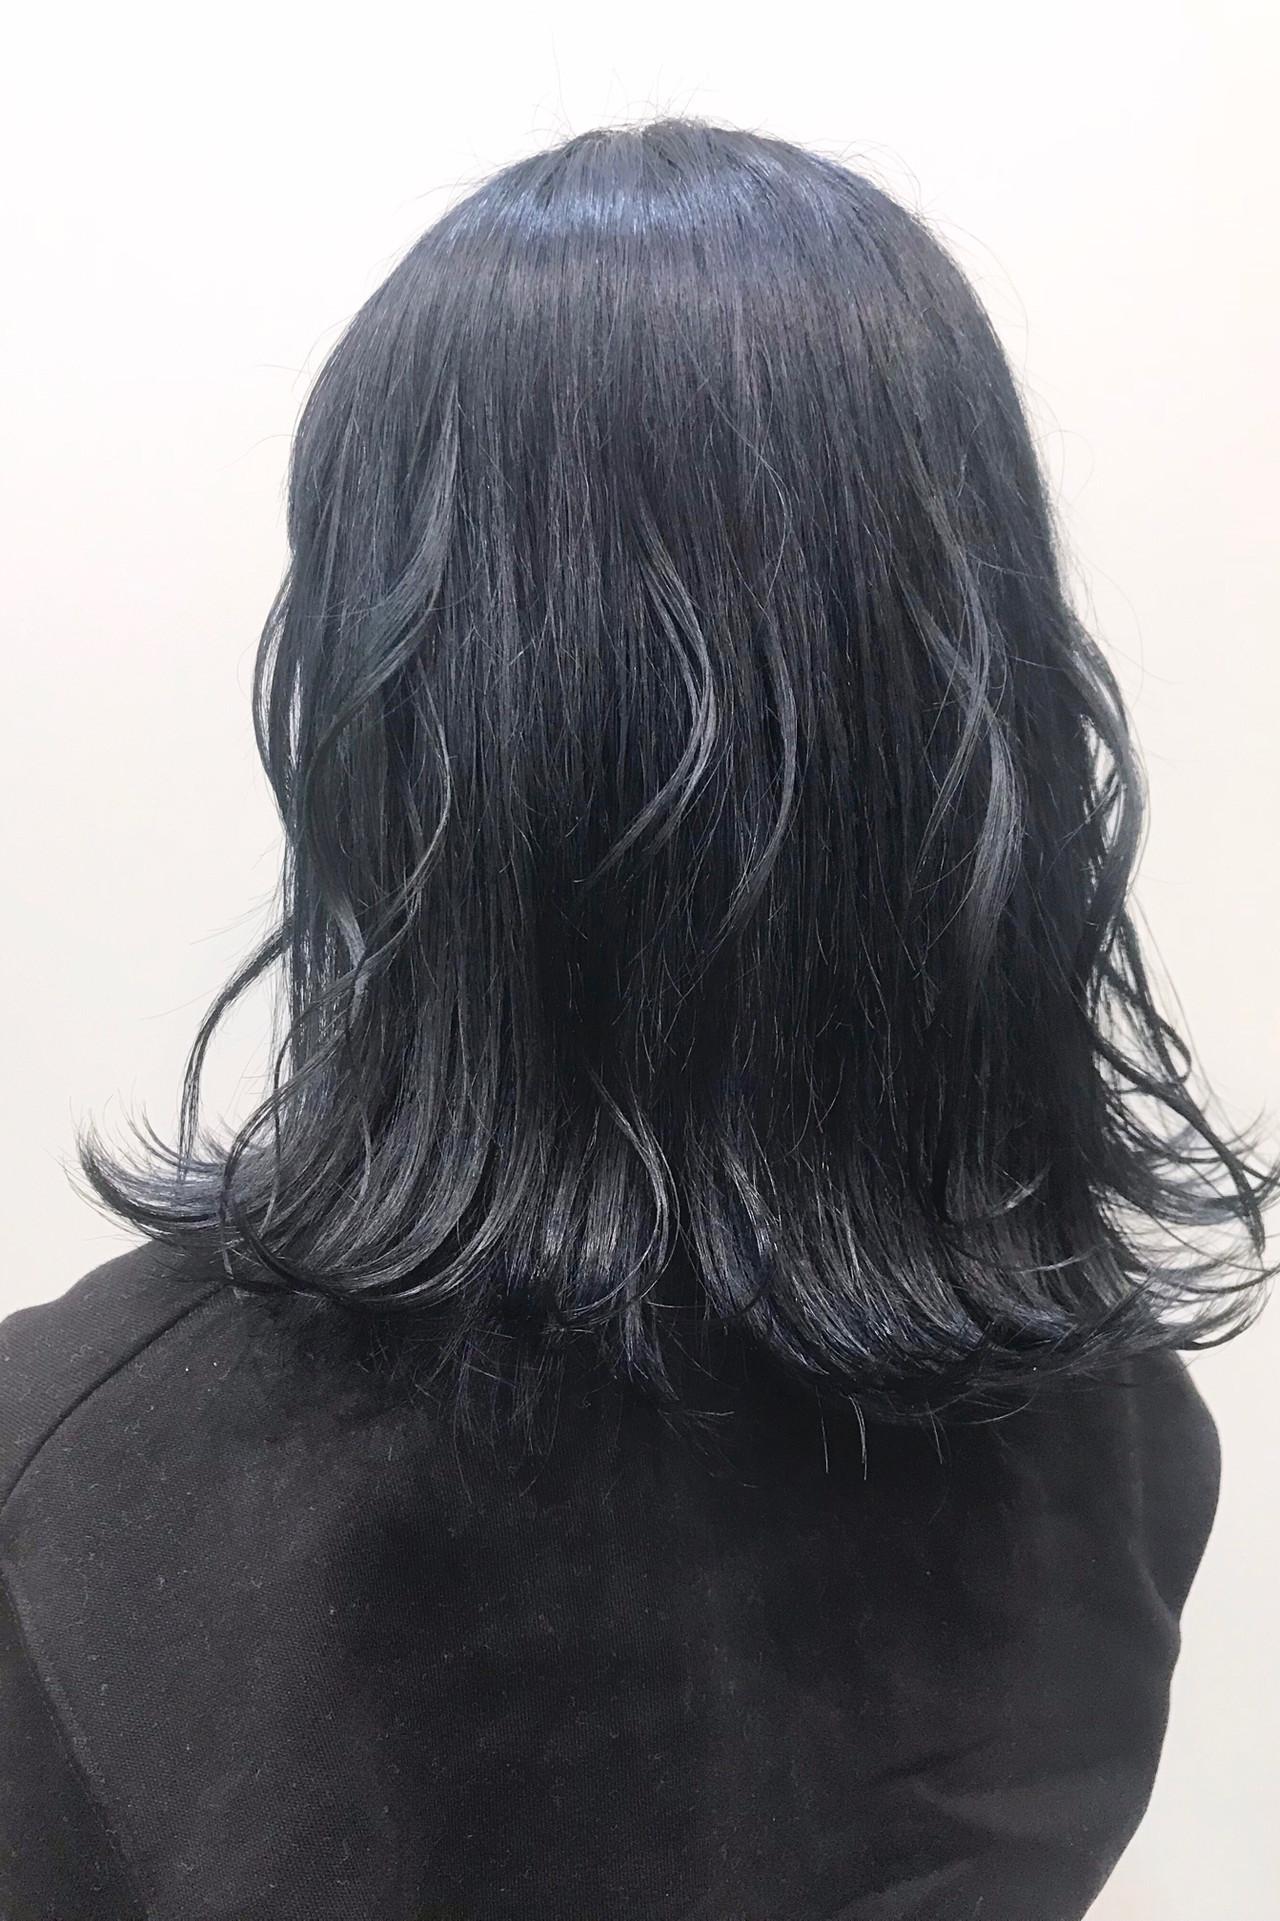 ブリーチオンカラー ミディアム 暗髪女子 ネイビー ヘアスタイルや髪型の写真・画像